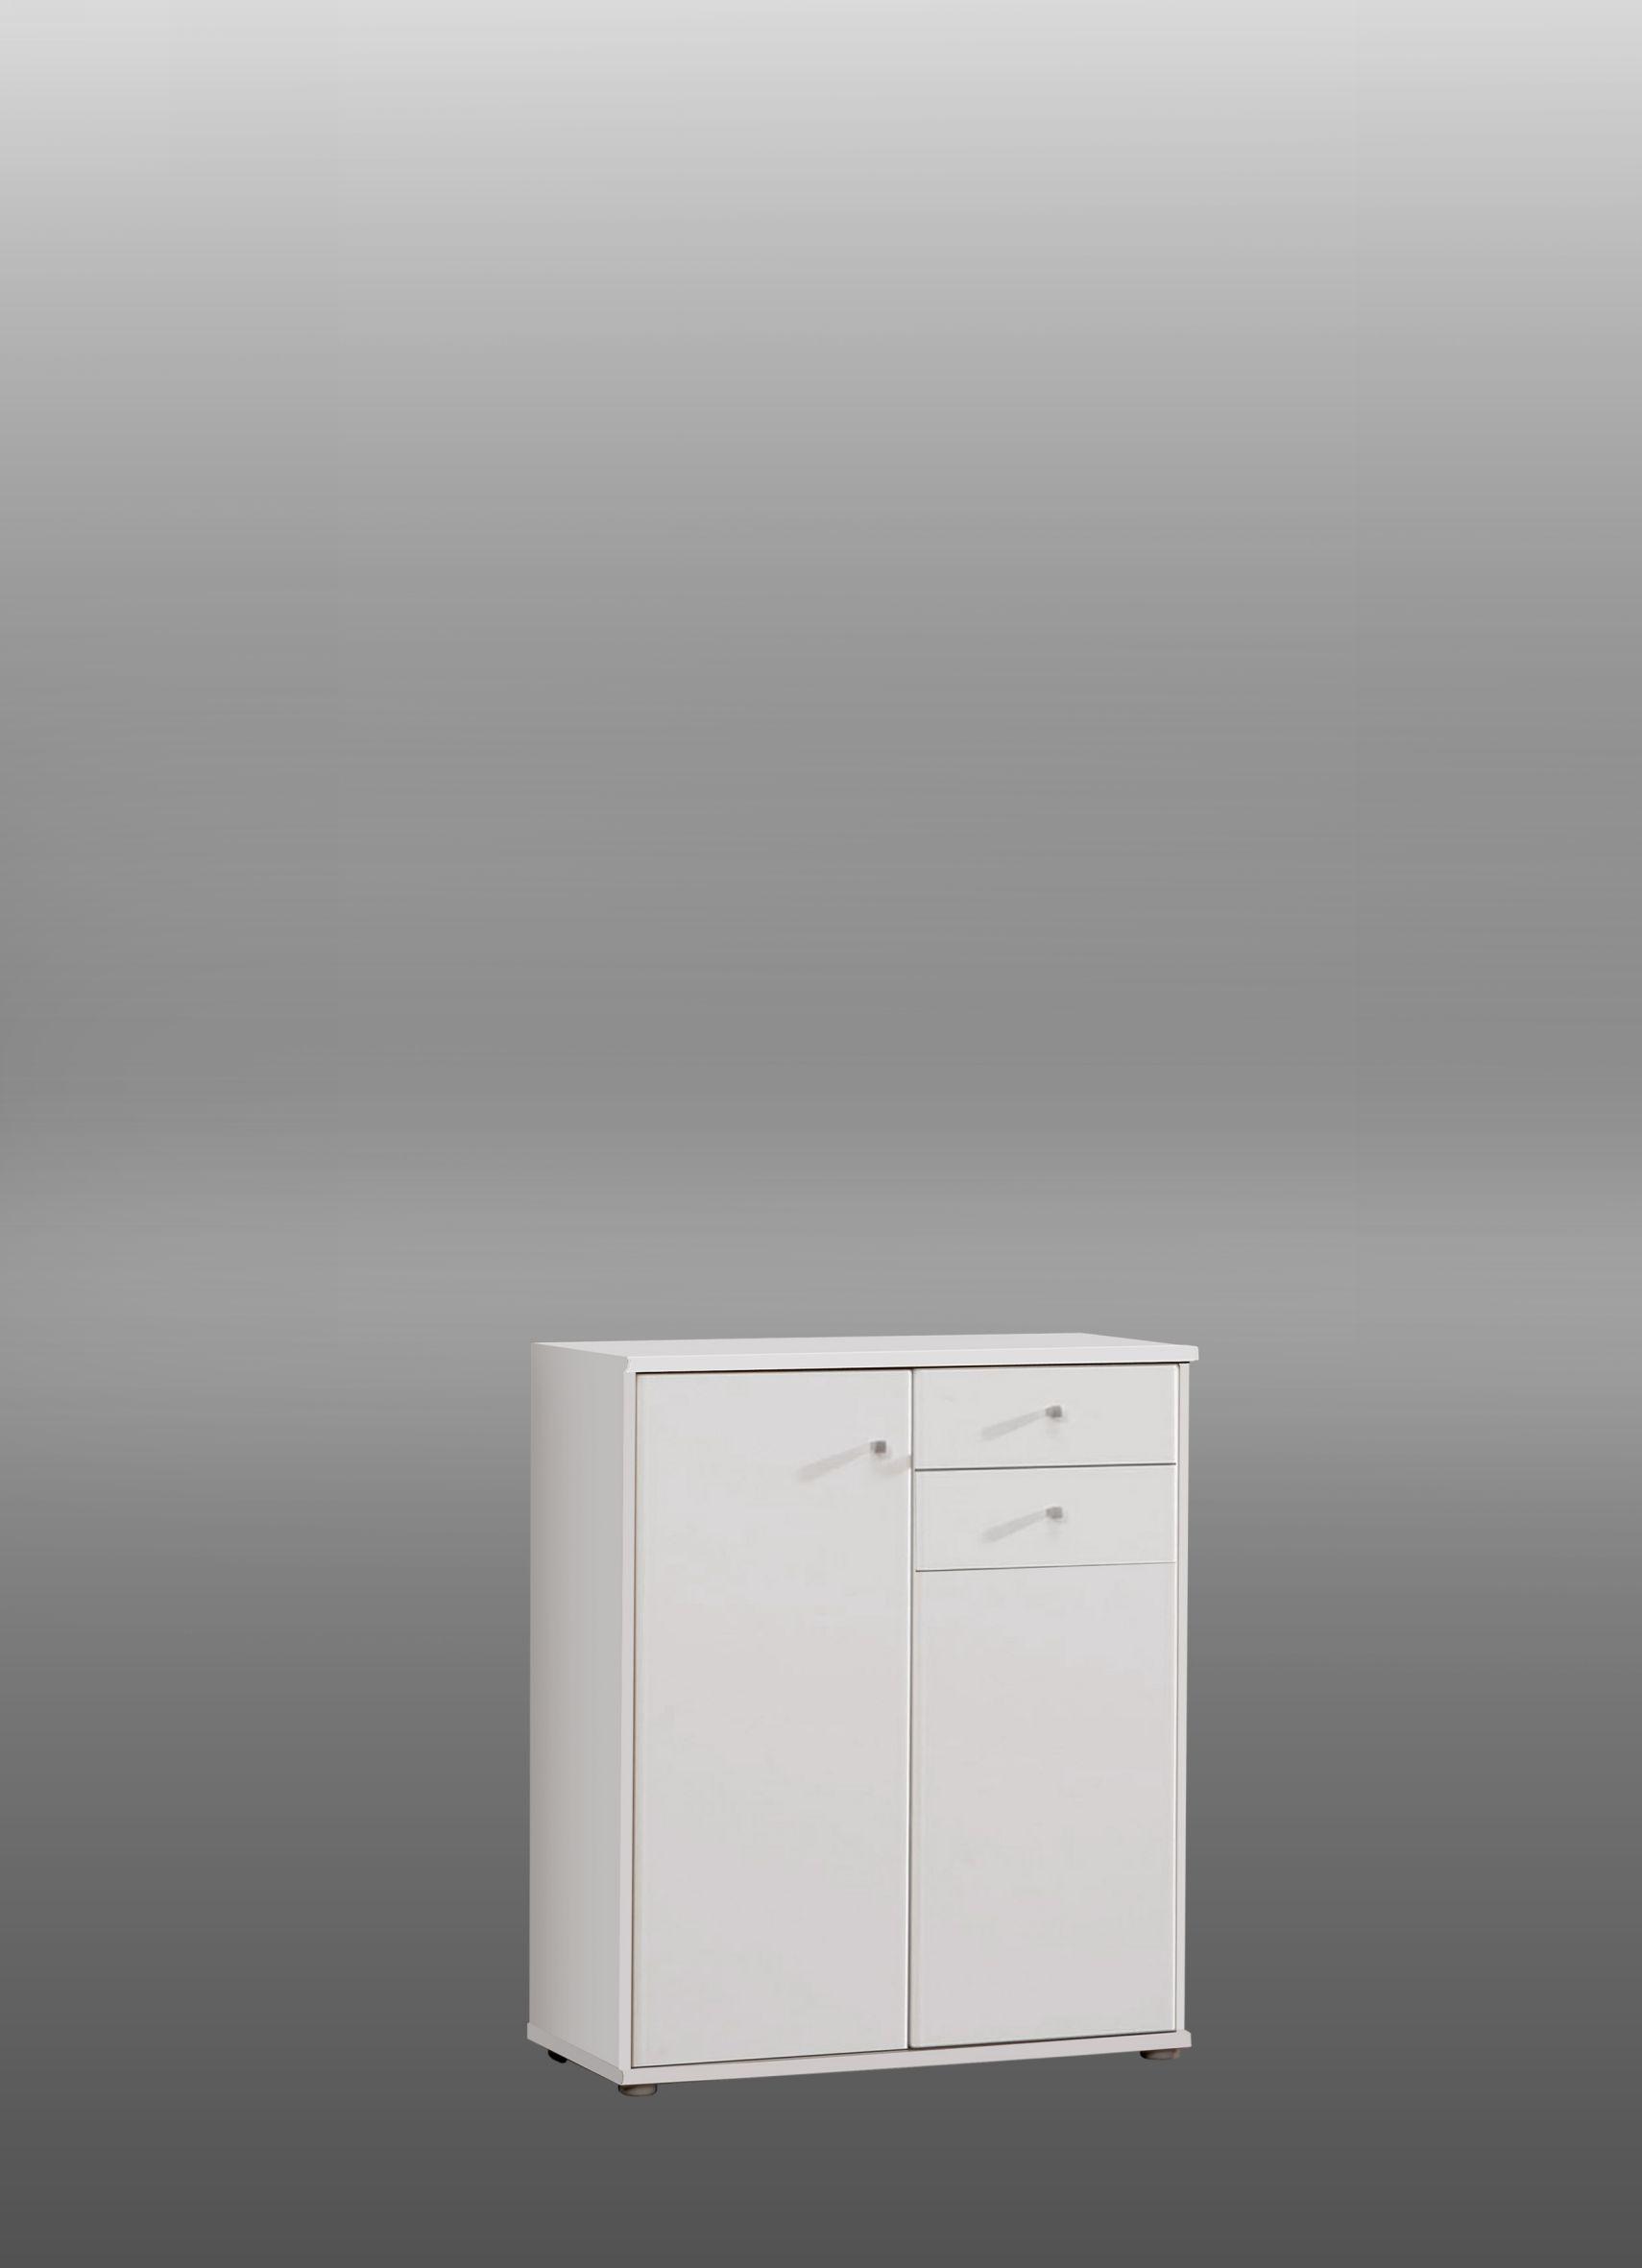 Kommode Tempra 2-türig mit 2 SK Weiß